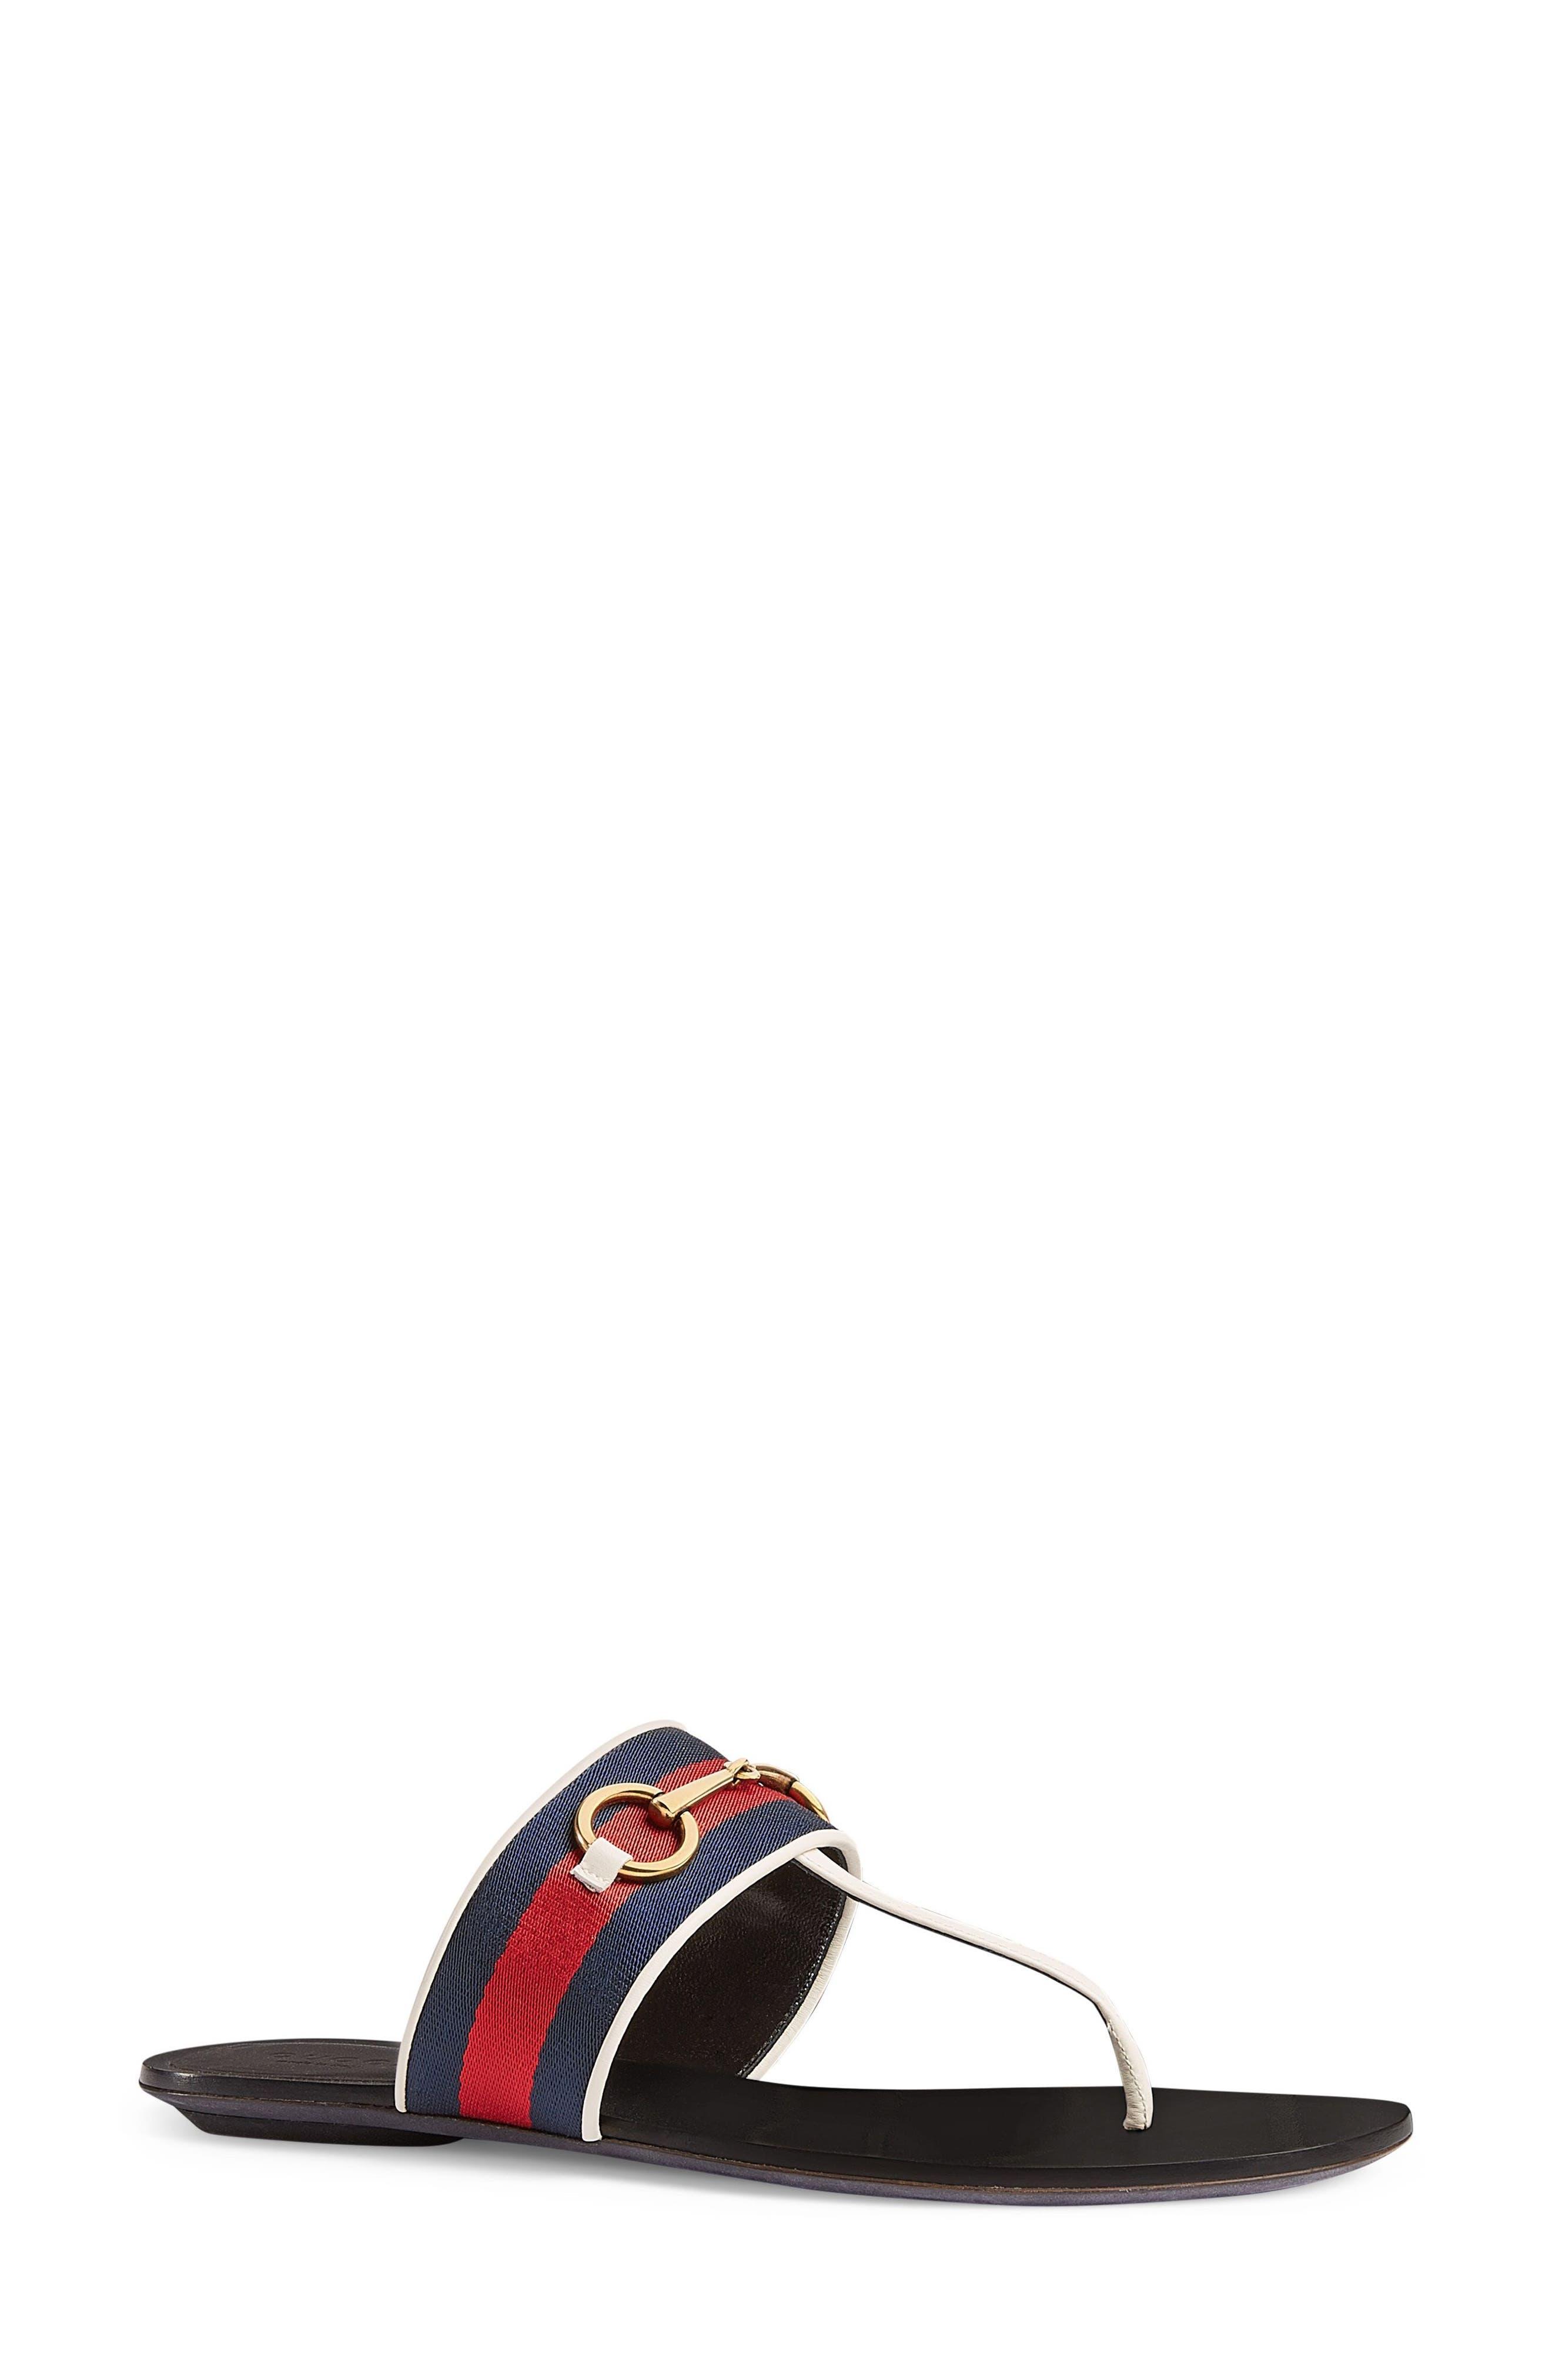 Querelle Sandal,                             Alternate thumbnail 2, color,                             100